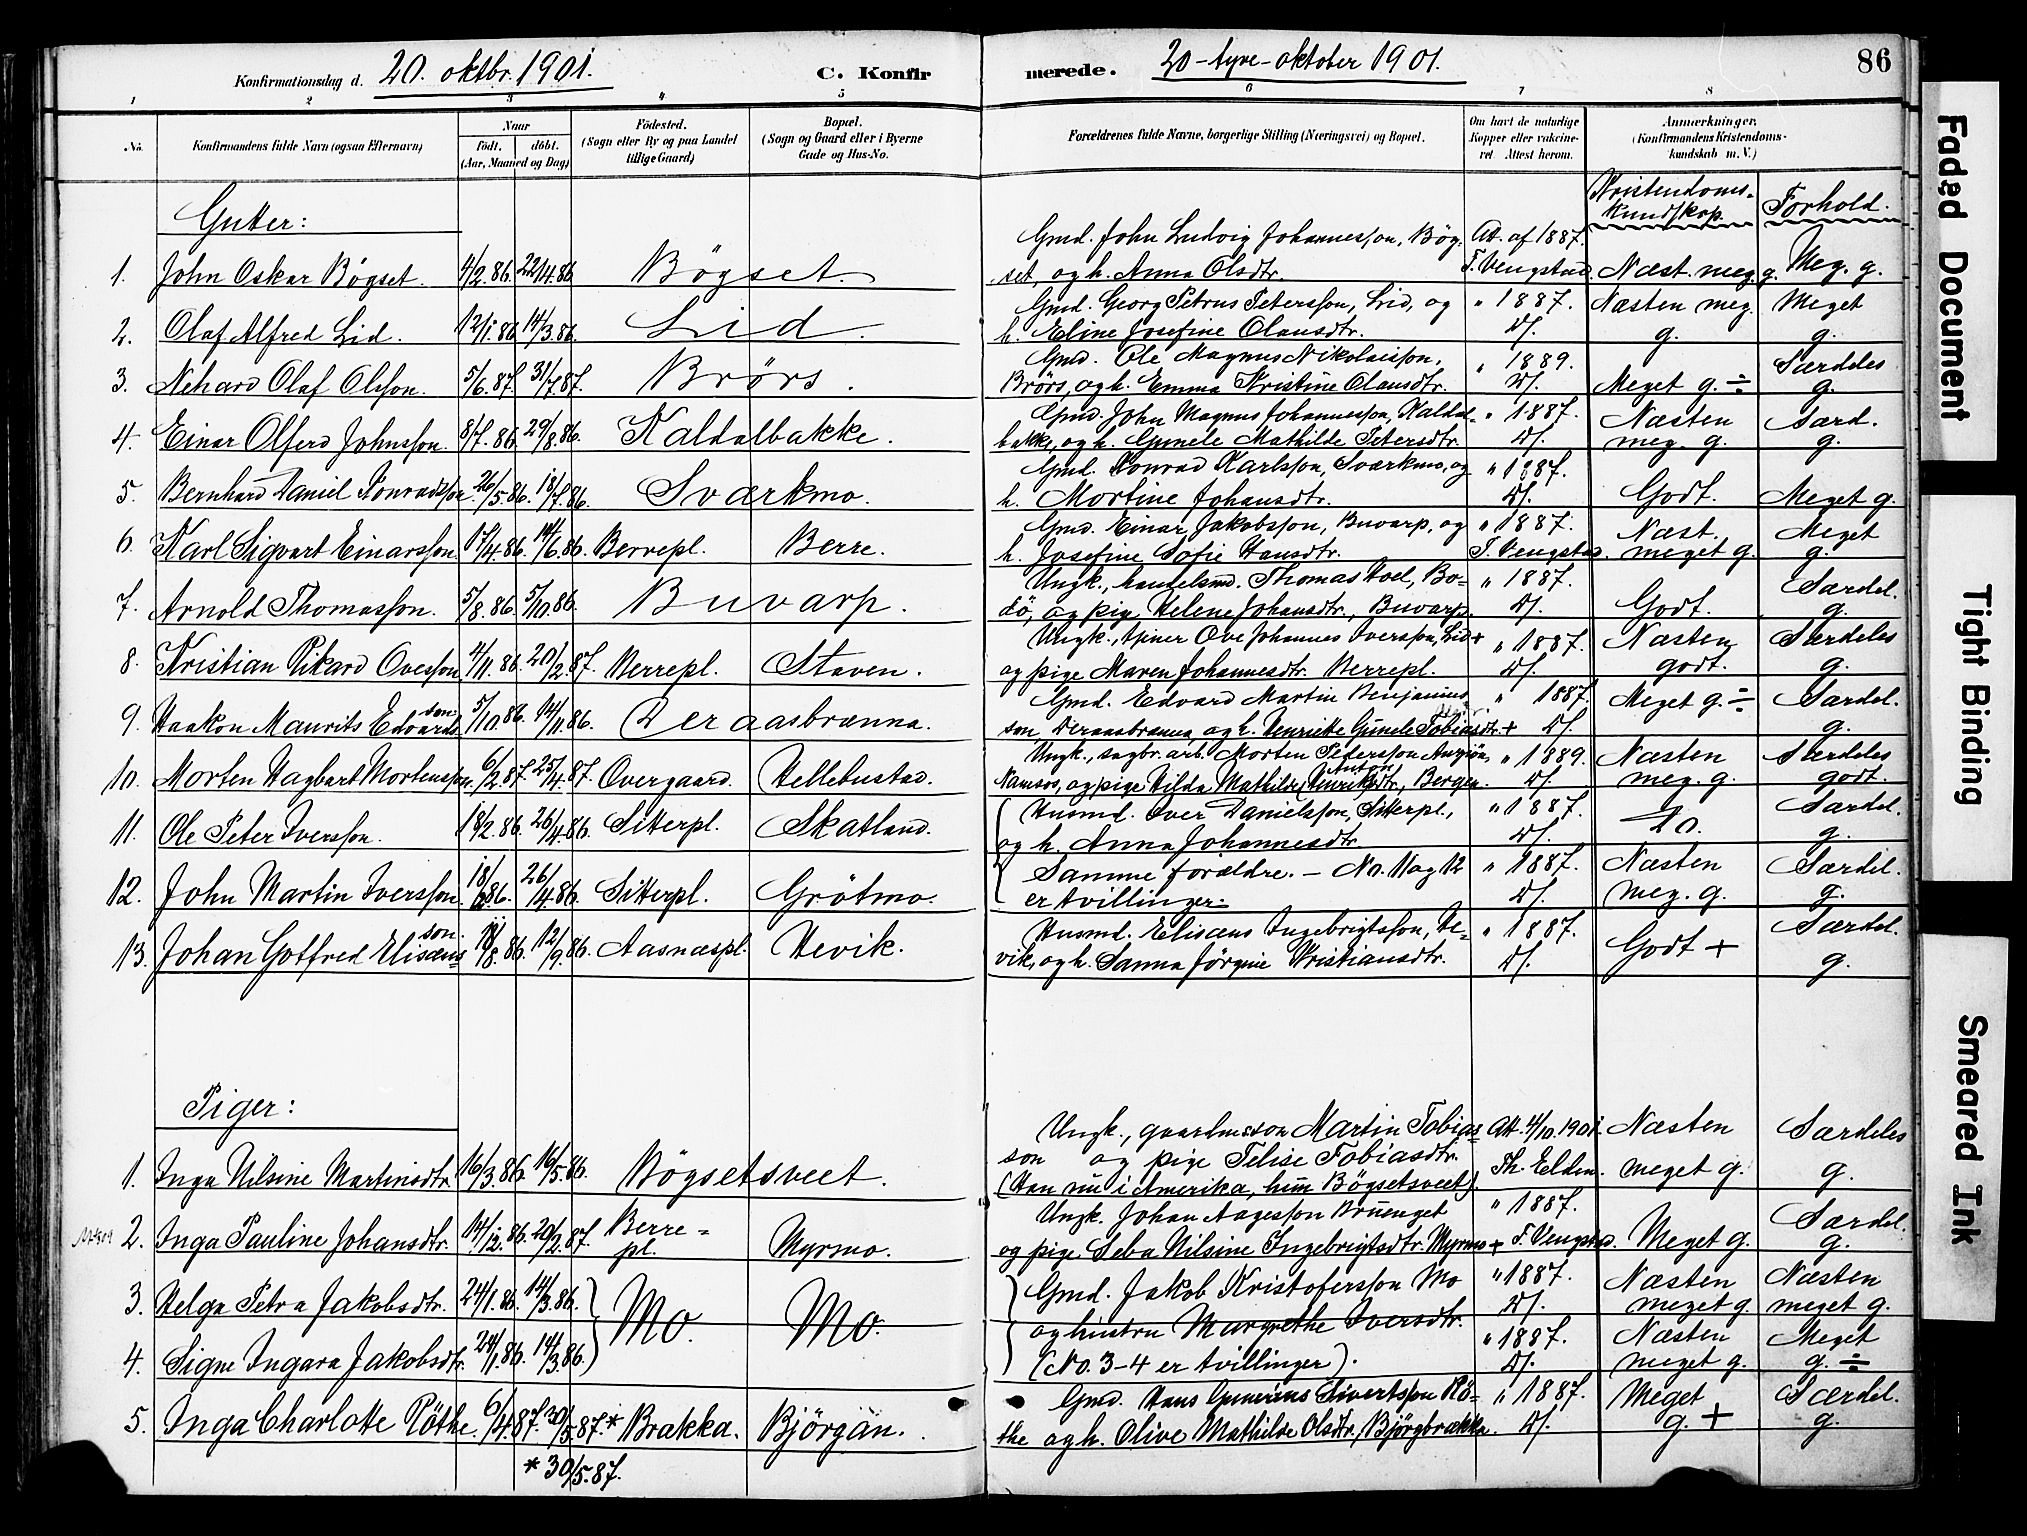 SAT, Ministerialprotokoller, klokkerbøker og fødselsregistre - Nord-Trøndelag, 742/L0409: Ministerialbok nr. 742A02, 1891-1905, s. 86